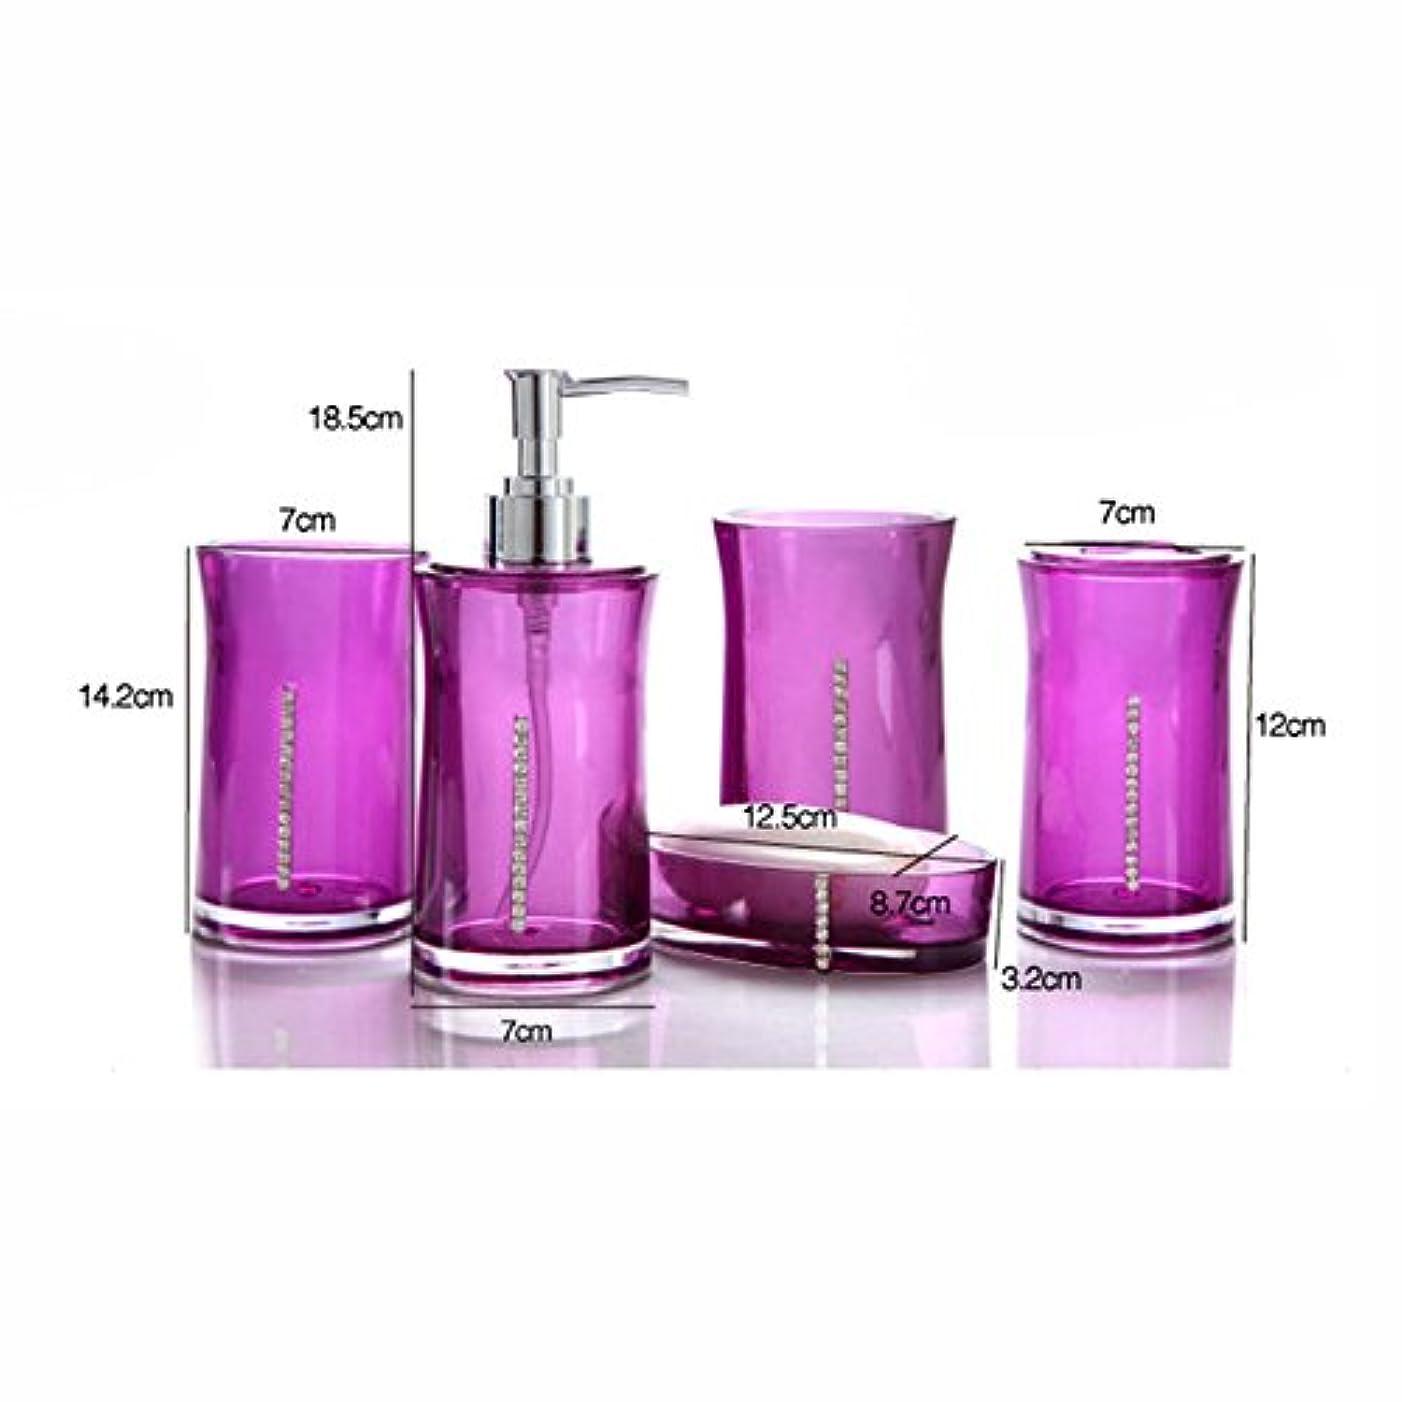 特殊ライフルであることxlp シャワージェルアクリルボトル、キッチンバス用シャンプー液体石鹸ディスペンサーボトル (紫)